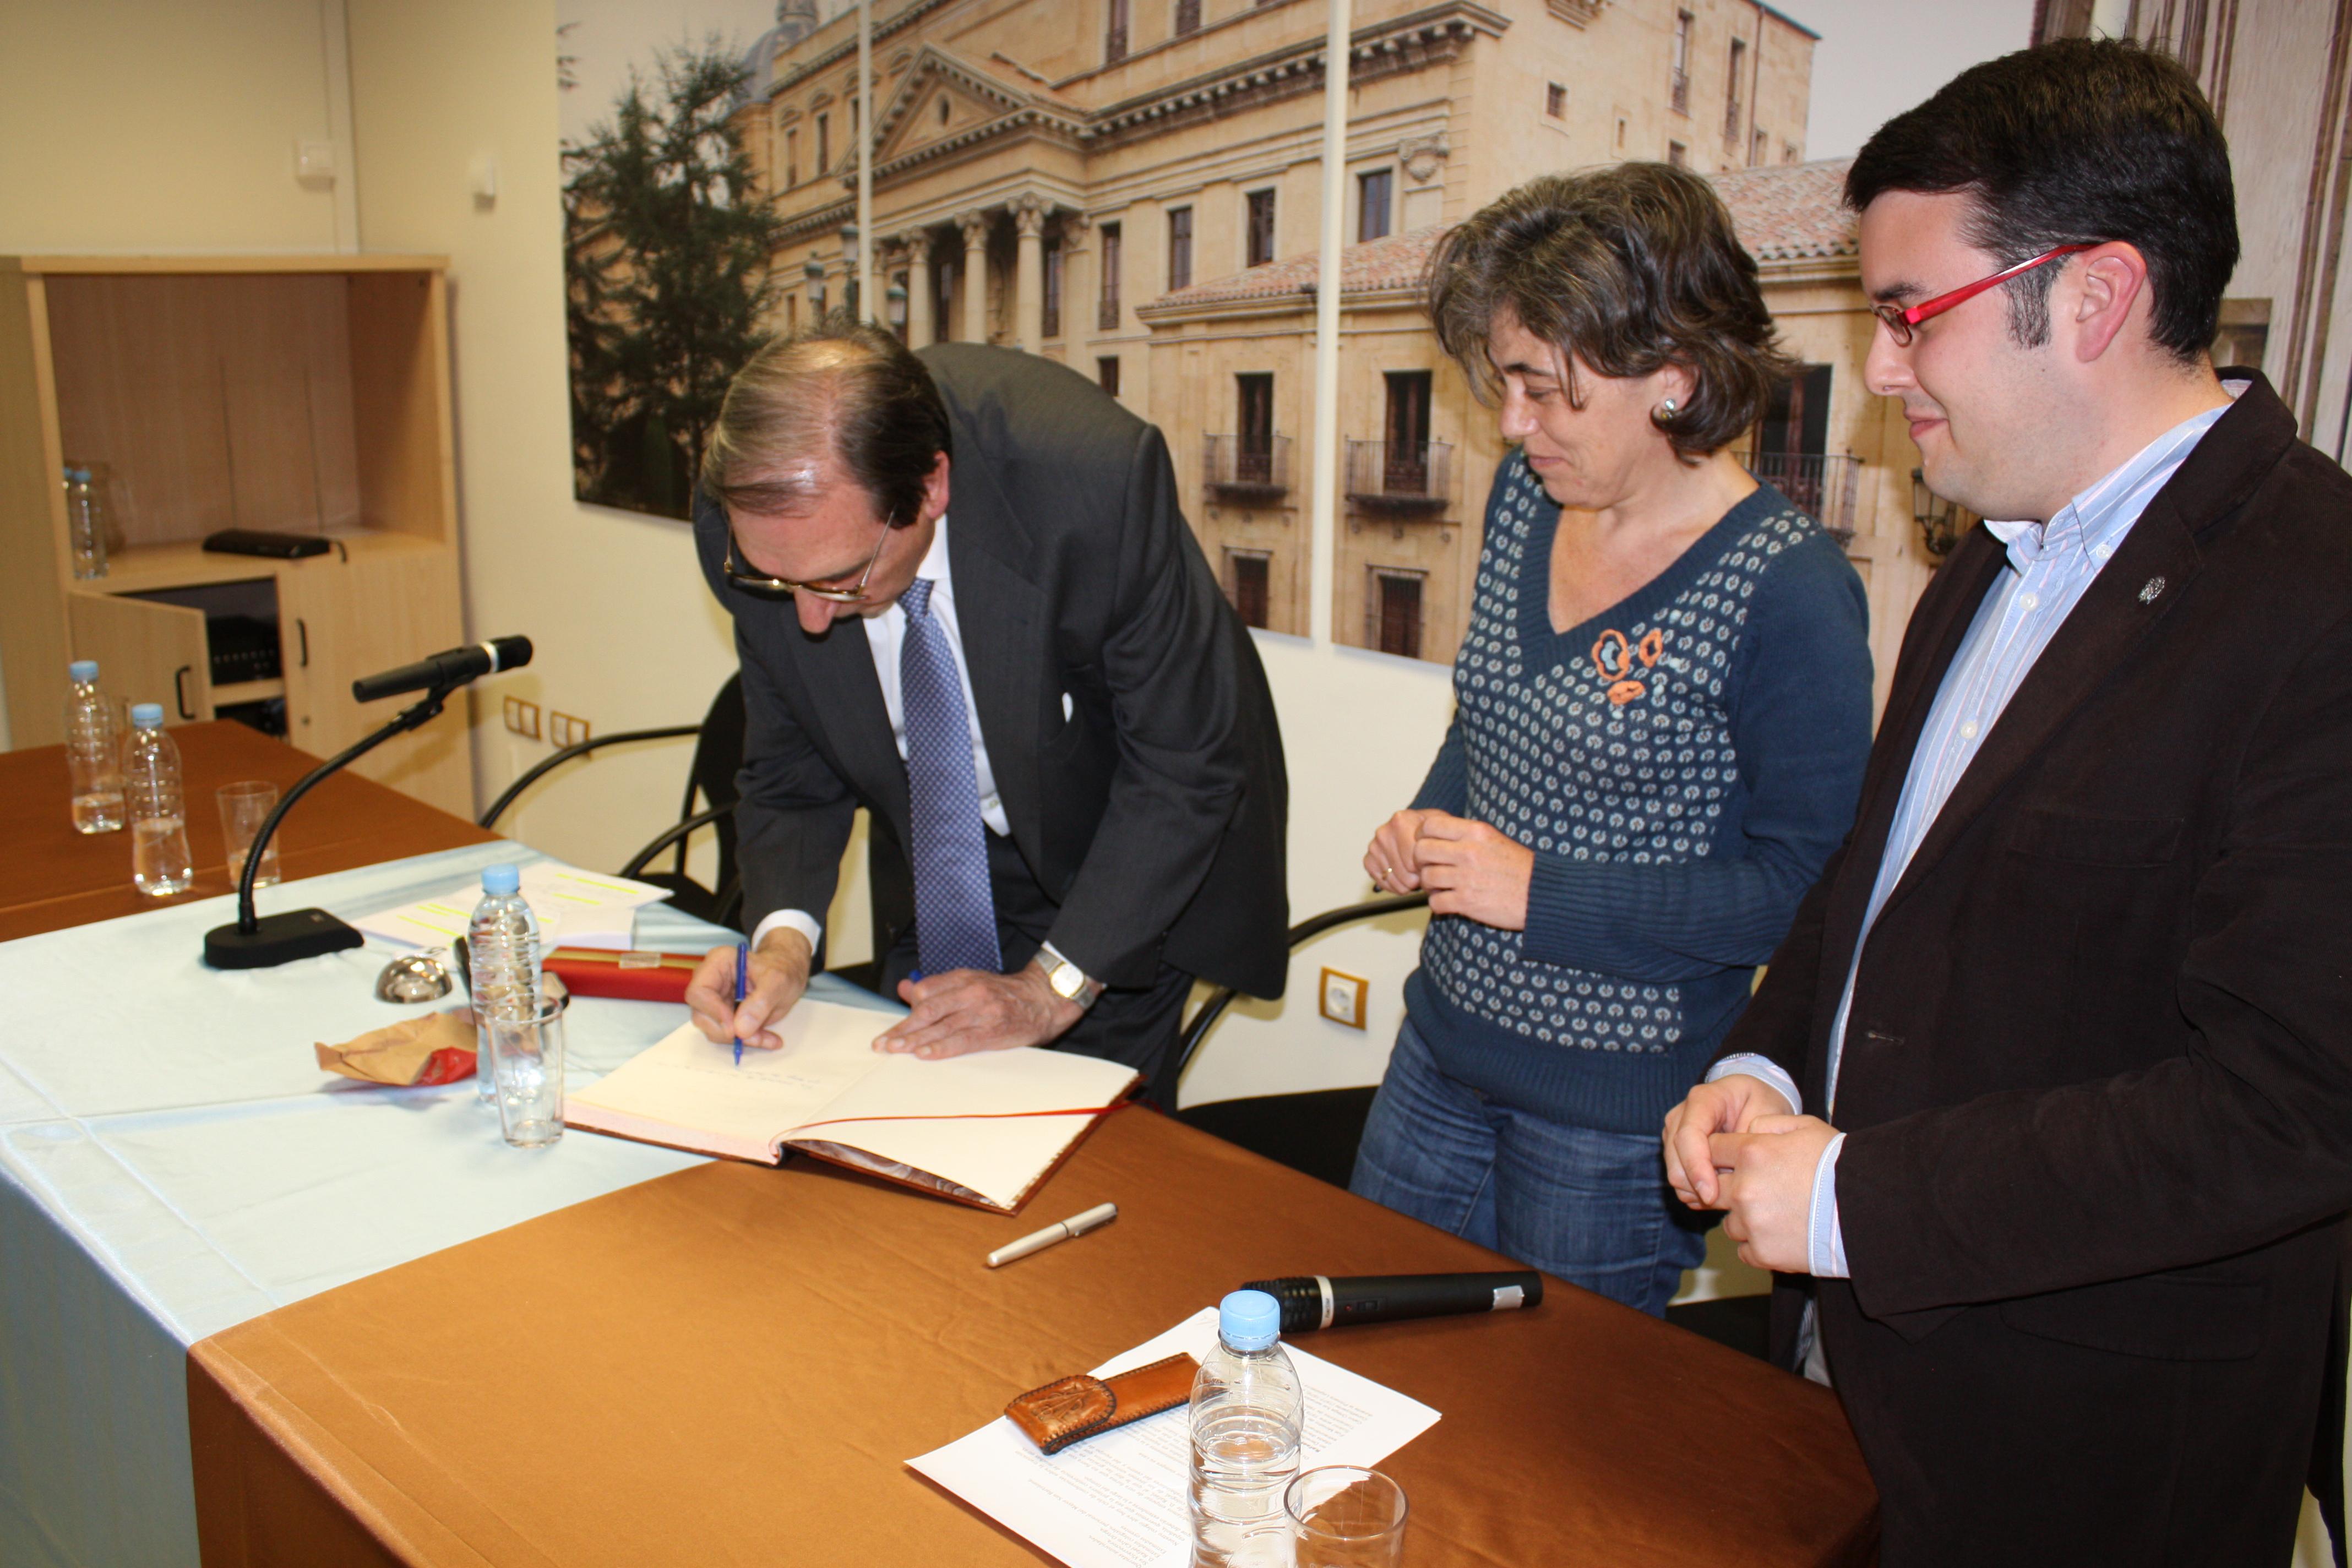 El Colegio Mayor San Bartolomé organiza un foro con los 'Protagonistas de la Transición'